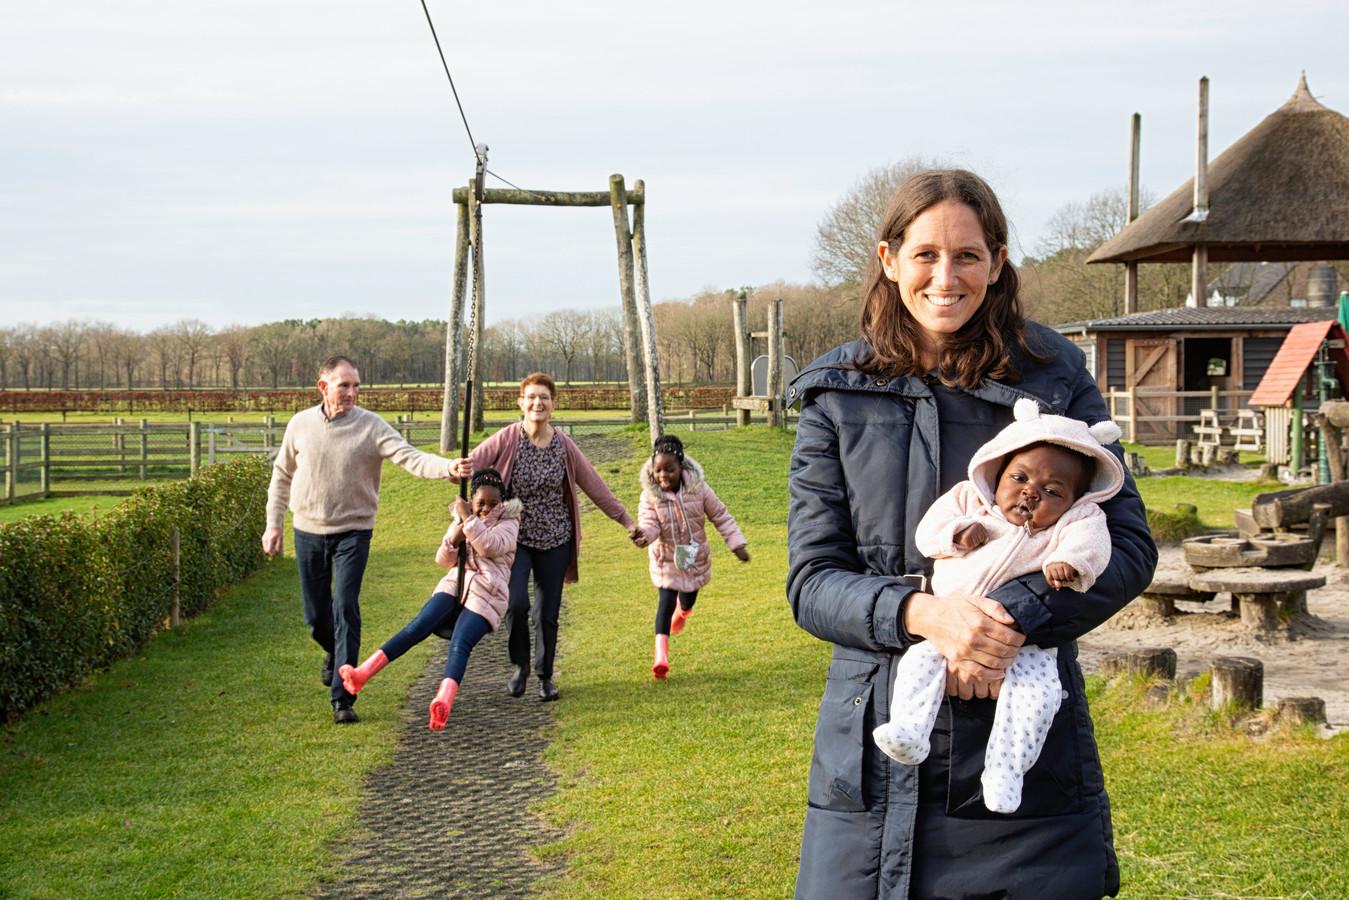 In december kwam  Nicole van Elteren naar Nederland om Teleza (toen drie maanden oud)  te laten onderzoeken in het Leids universitair ziekenhuis. Tussendoor was er tijd voor ontspanning. Zoals hier bij  speelboerderij Scherpenberg in Rucphen. Op de achtergrond haar ouders met haar twee eerder geadopteerde dochterjes Maria en Diana.